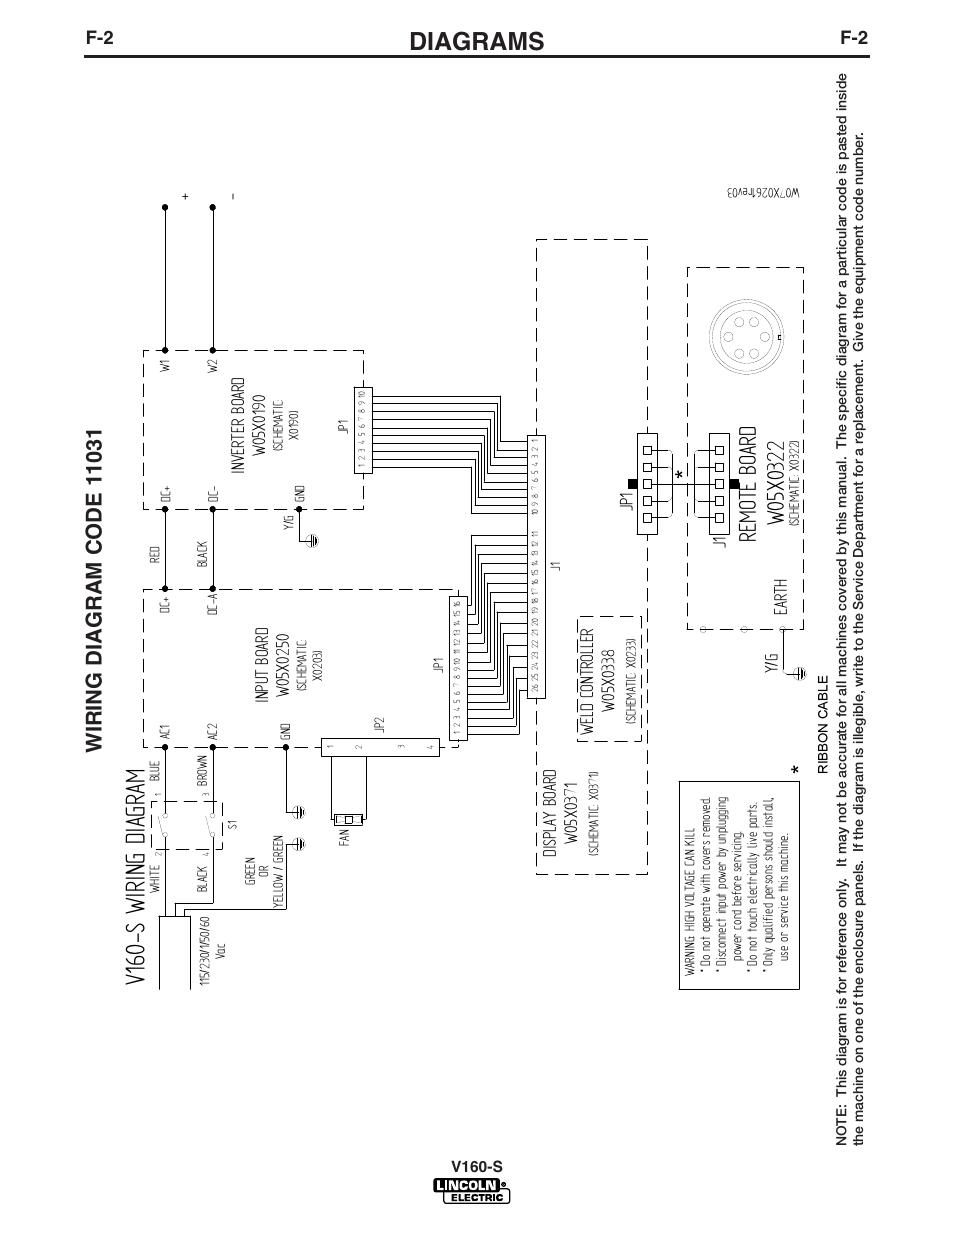 V16 0-s wirin g diag ram, Diagrams, Ea rth y/ g j1